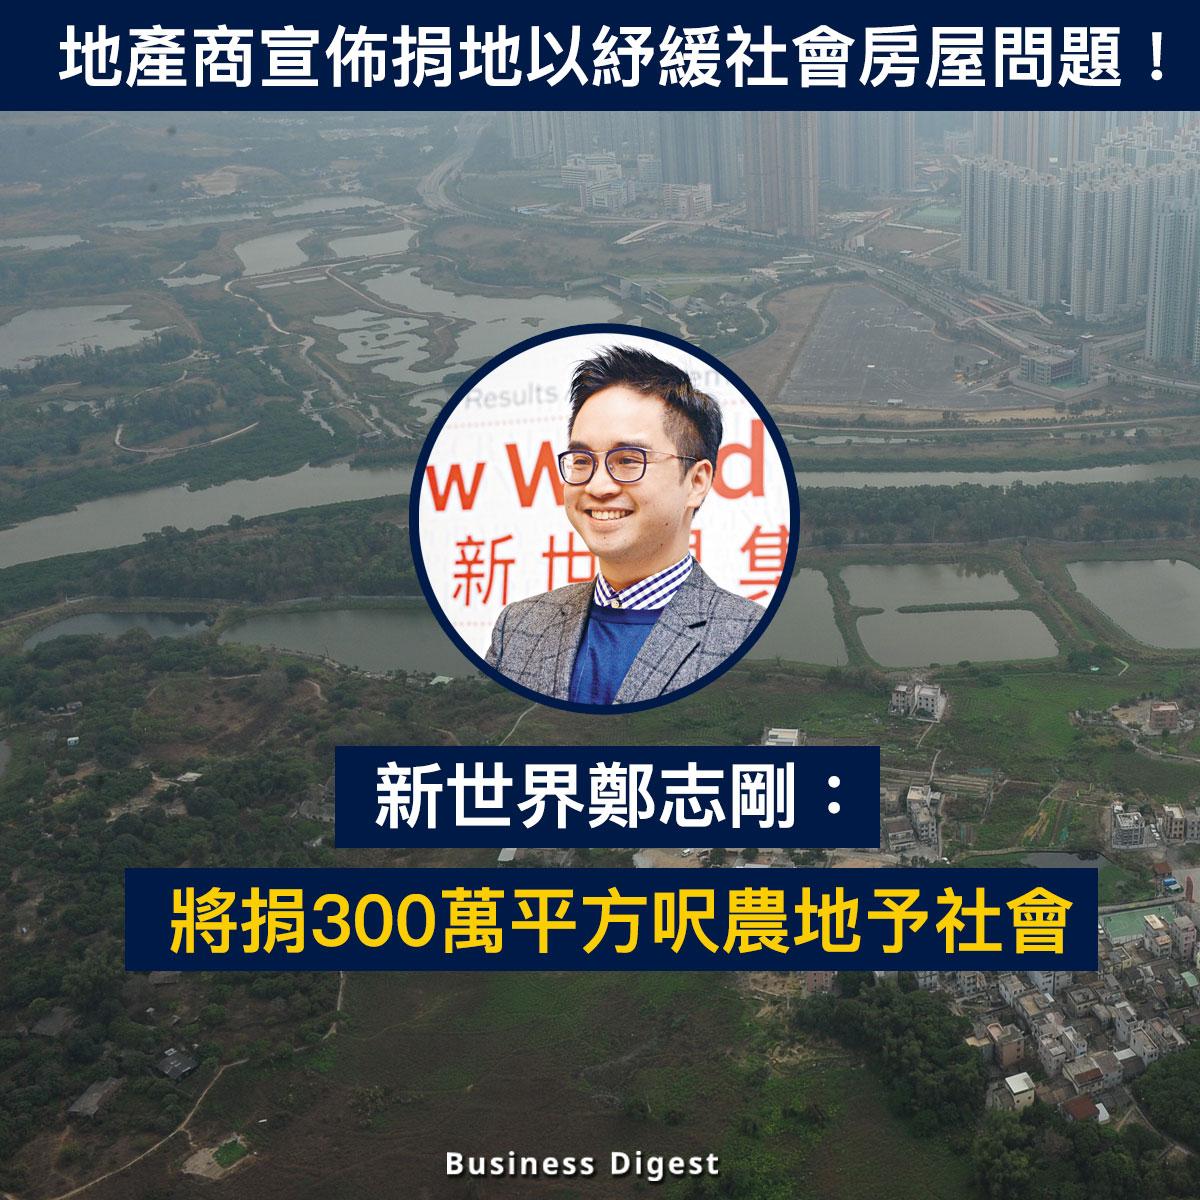 【商業熱話】新世界鄭志剛:將捐300萬平方呎農地予社會